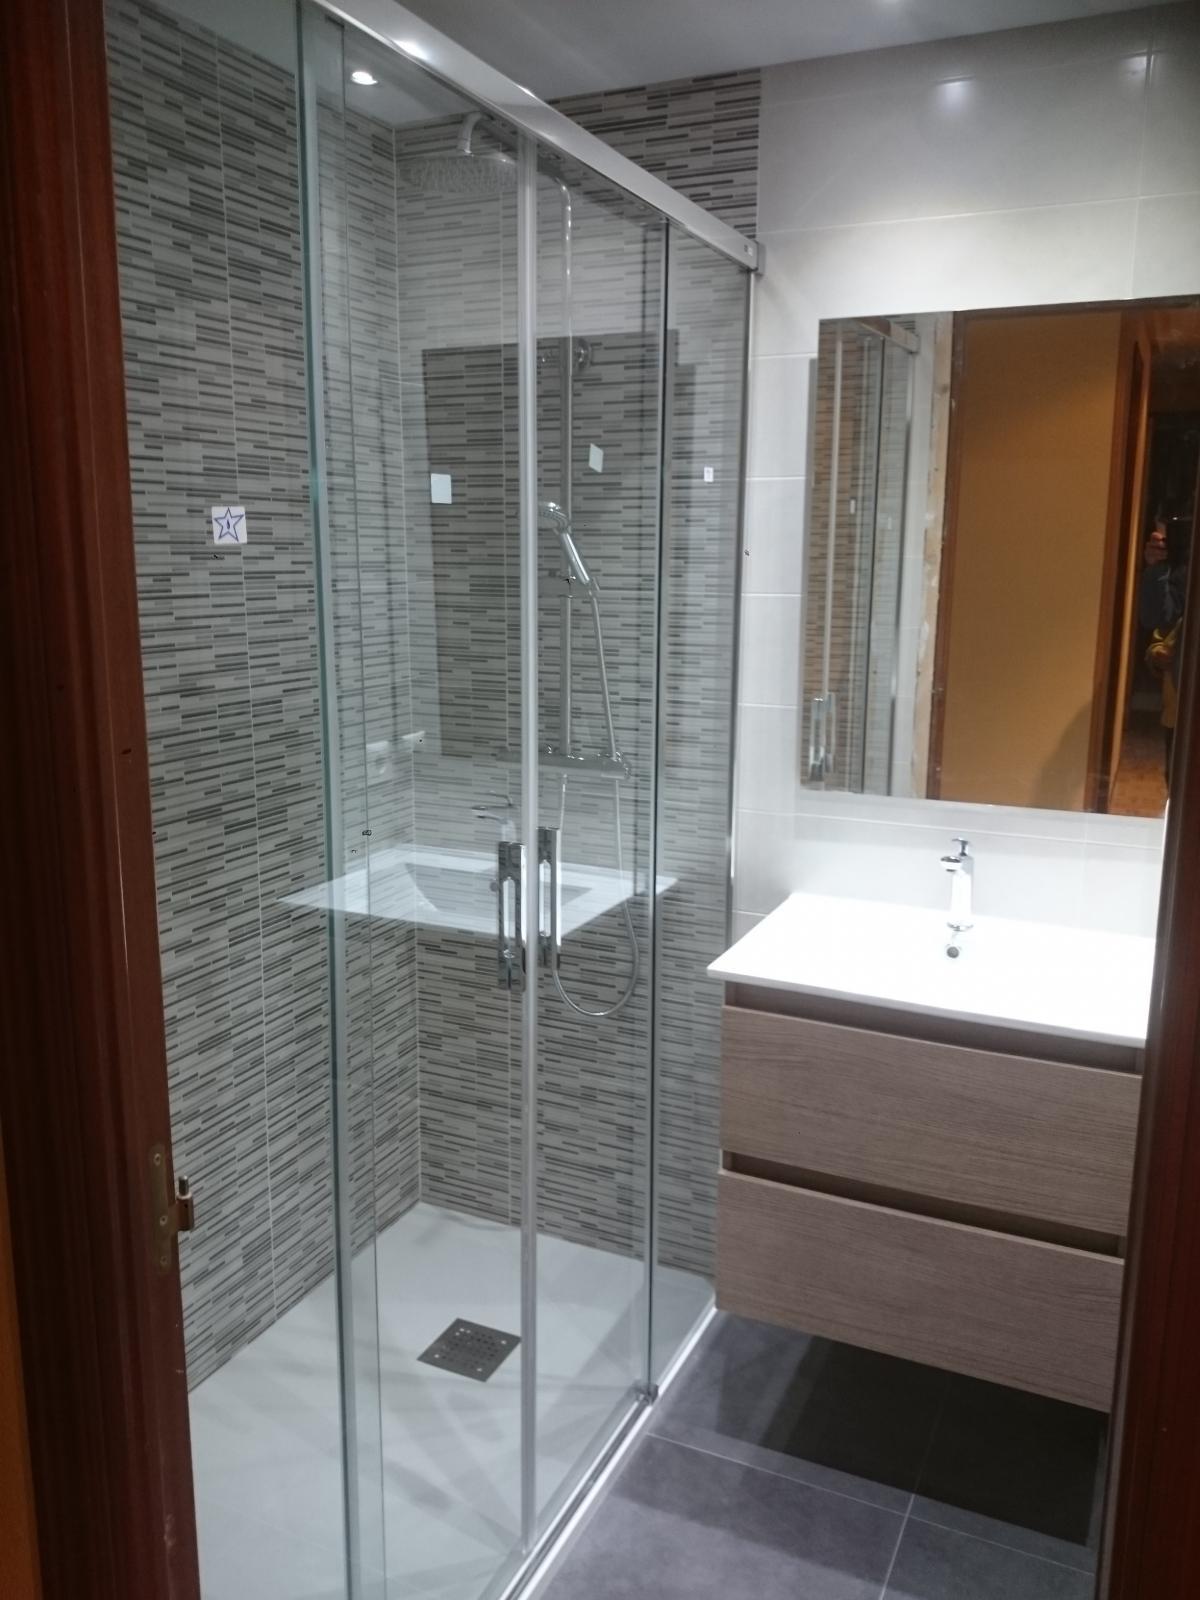 Construcciones Adrian: Reforma integral de cuarto de baño